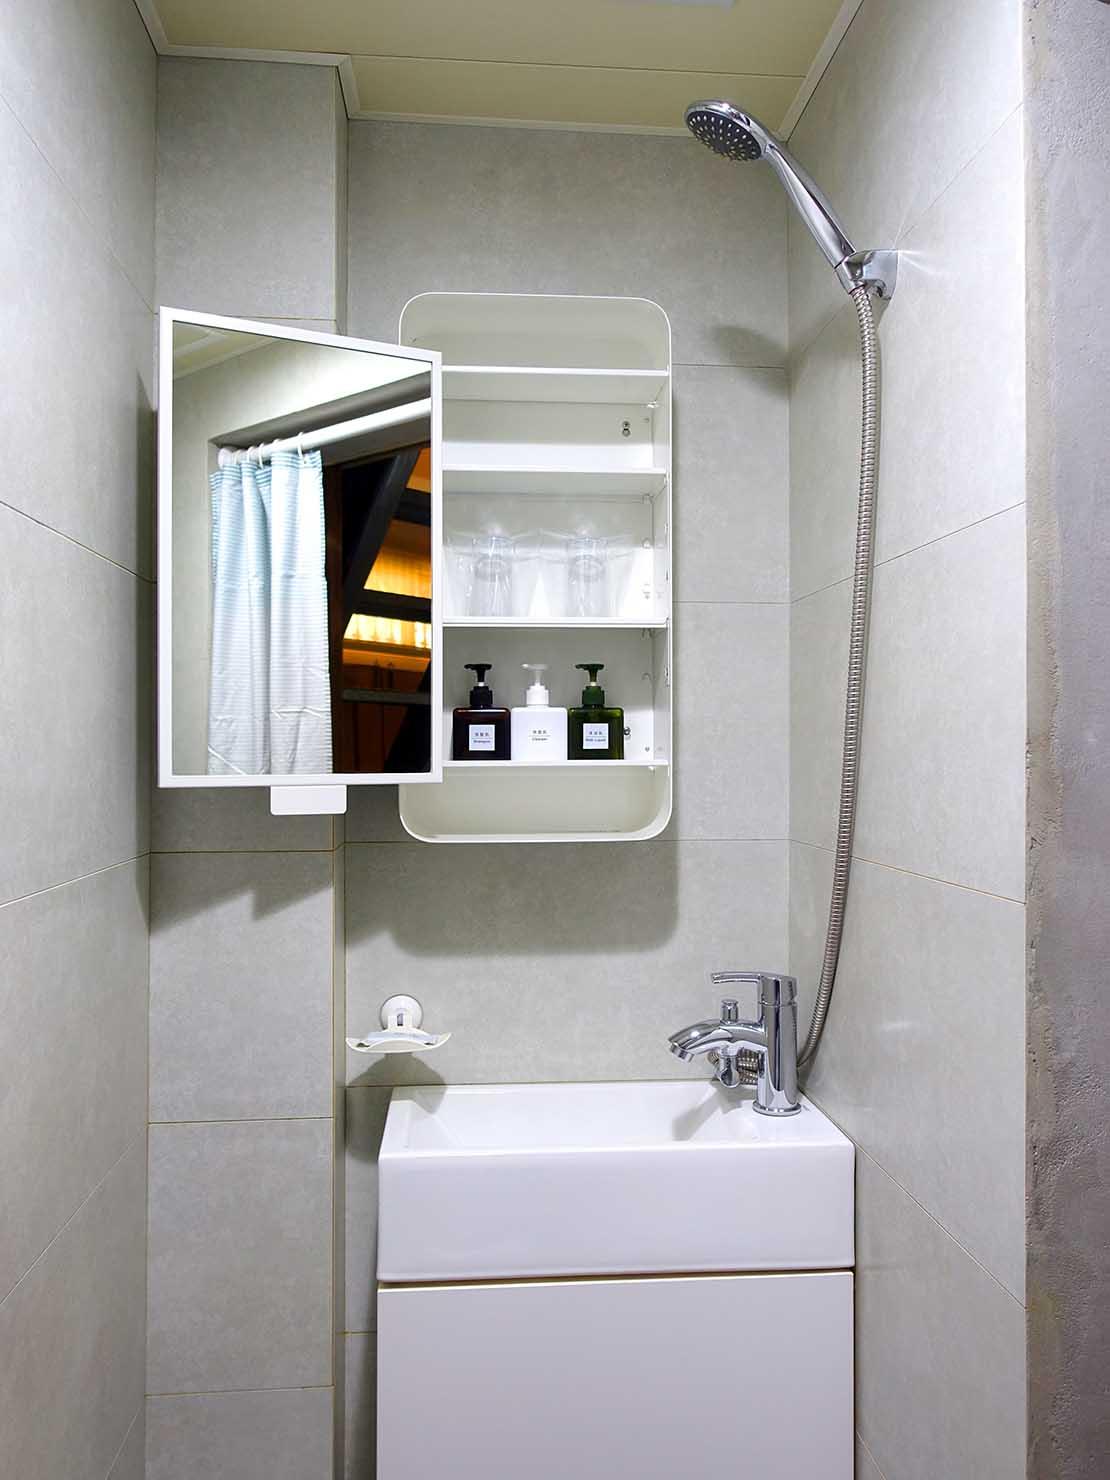 台南のおすすめ古民家ゲストハウス「永福97.1」アティックキャビン1Fのシャワールーム